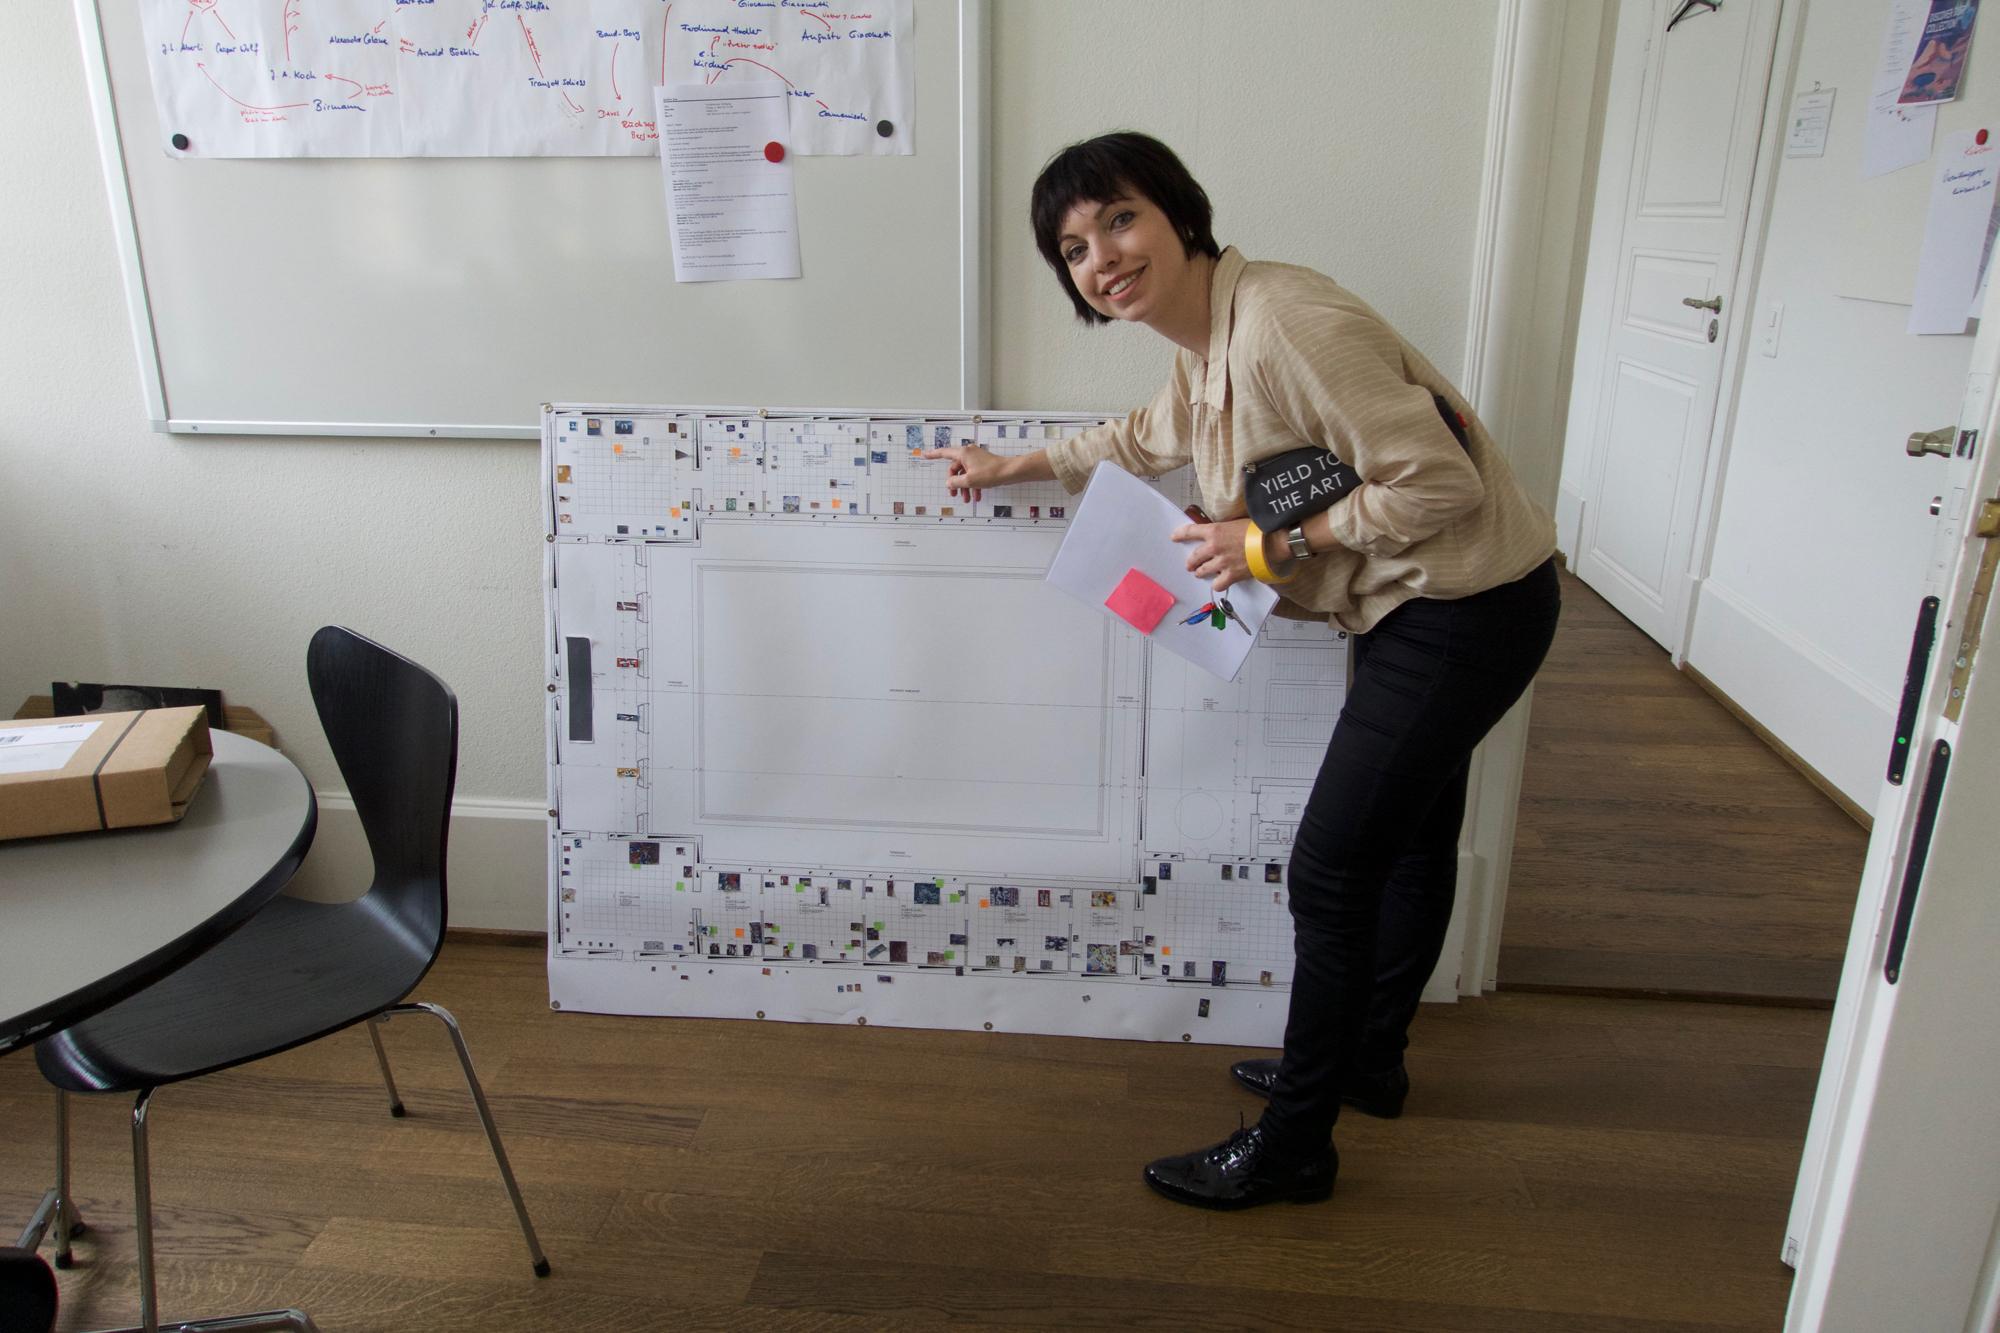 Kleine Bildchen auf einem Plan: So entsteht eine Ausstellung.